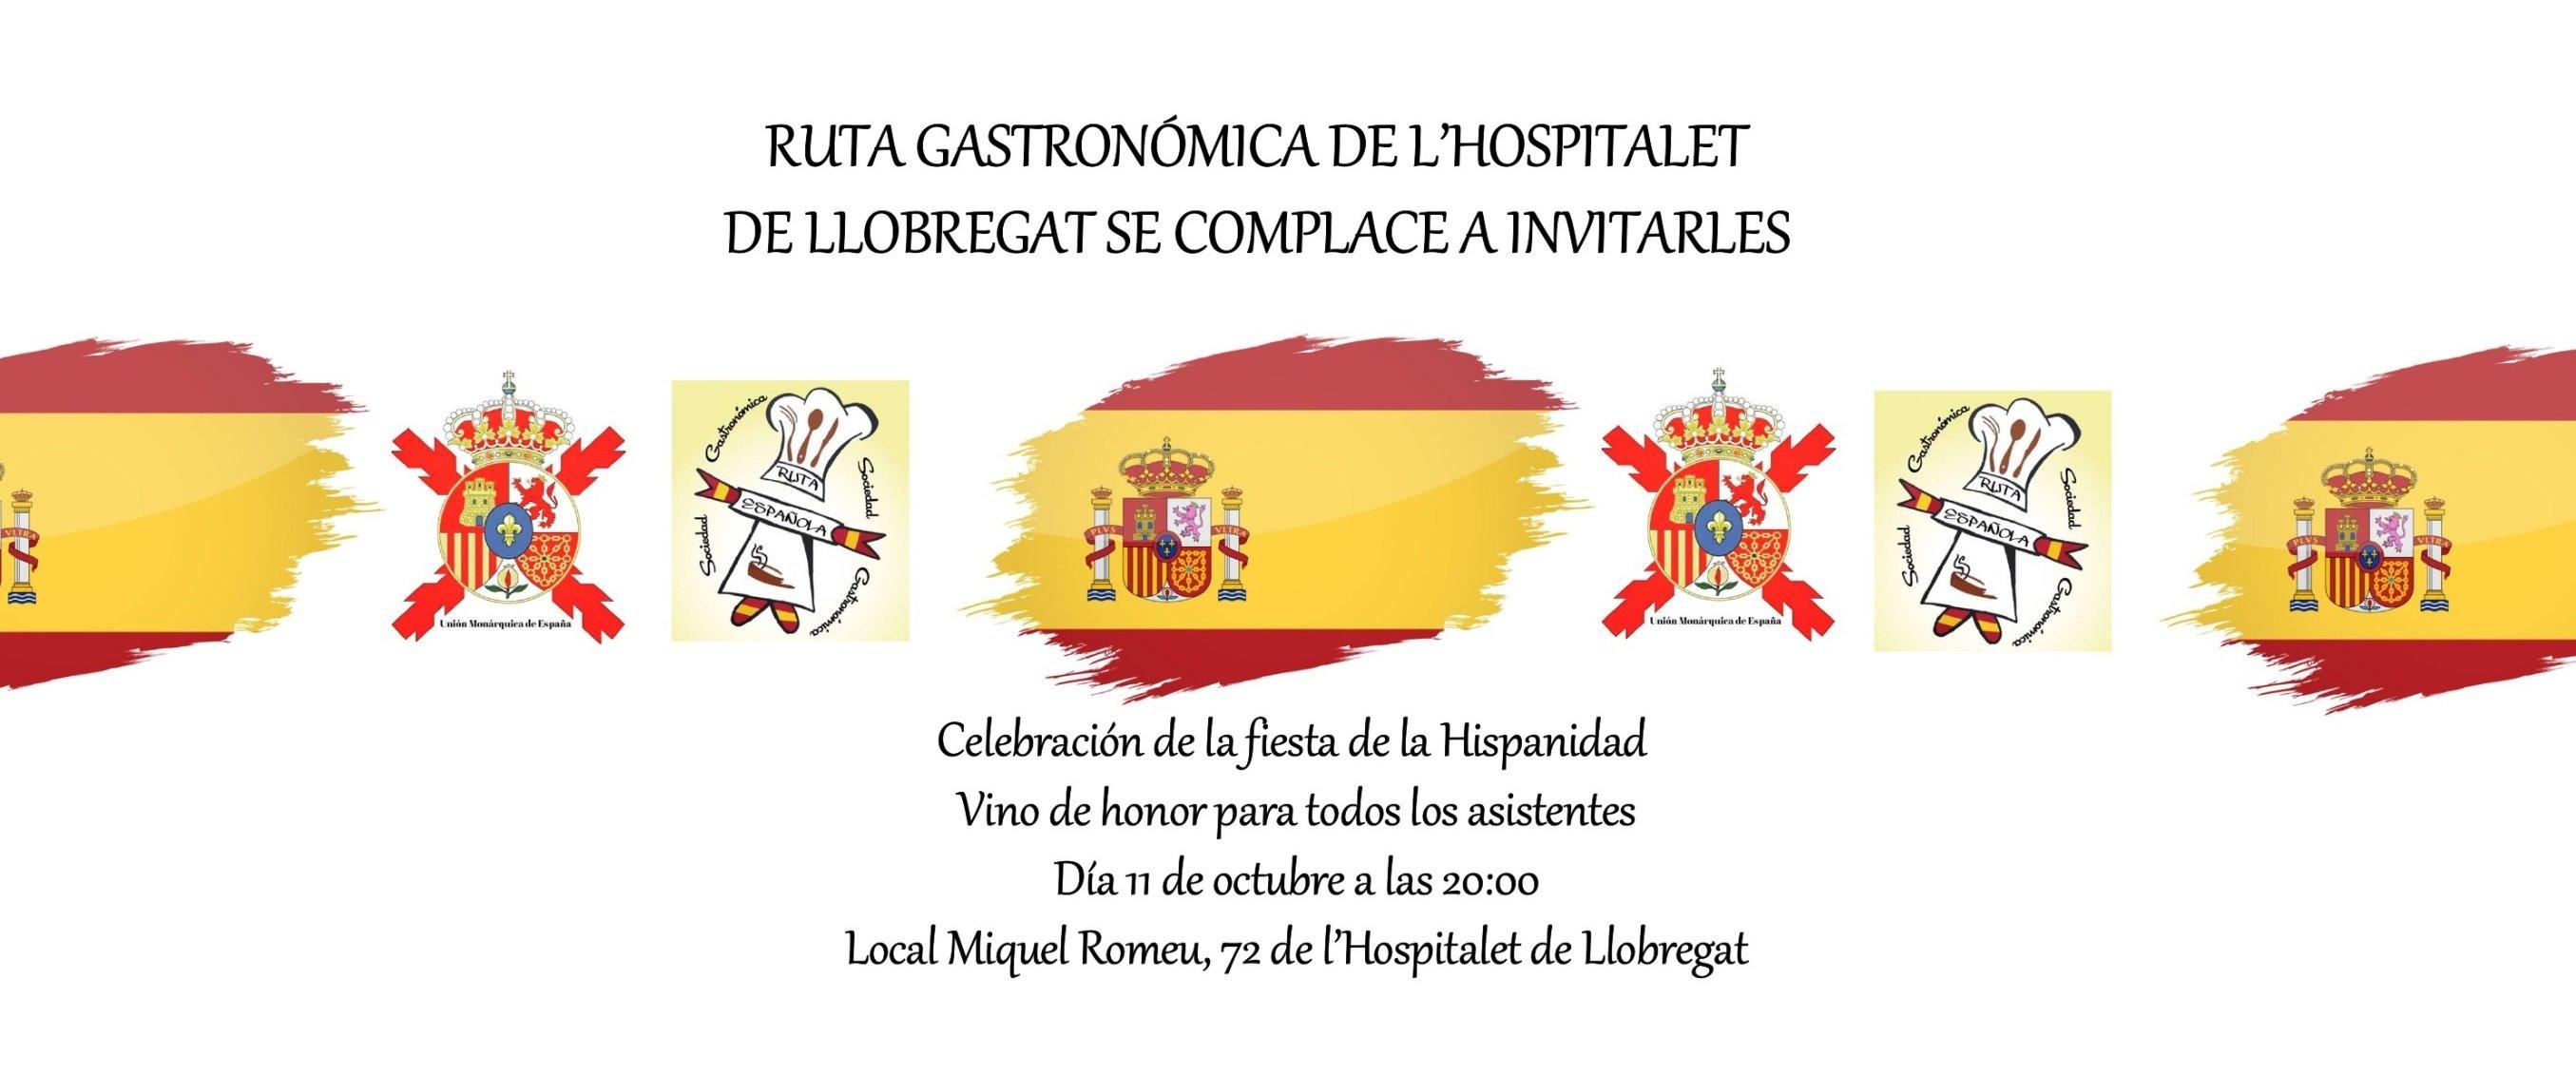 Unión Monárquica de España celebra la Hispanidad un día antes